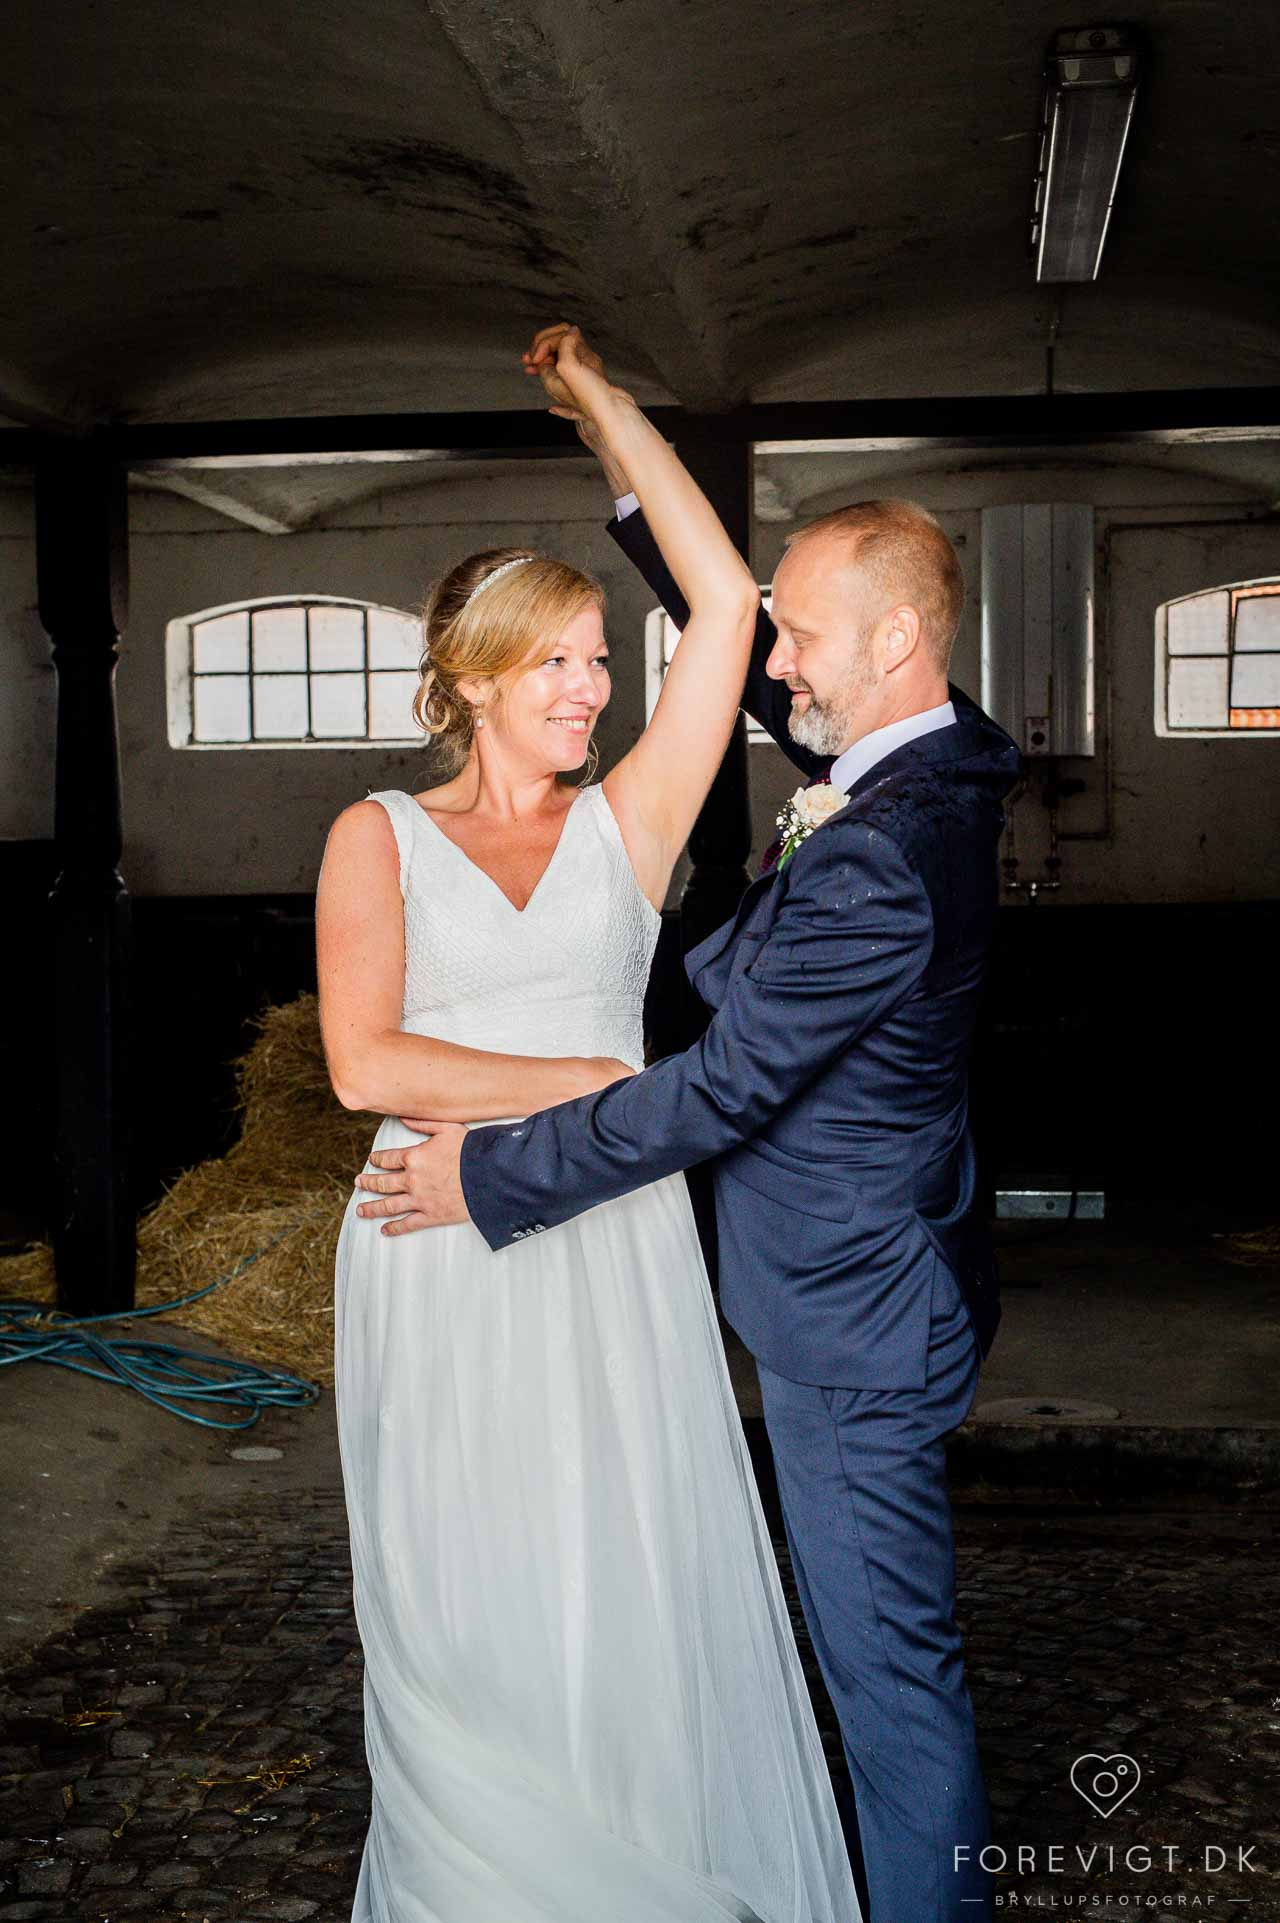 Bryllup · Begravelse og bisættelse